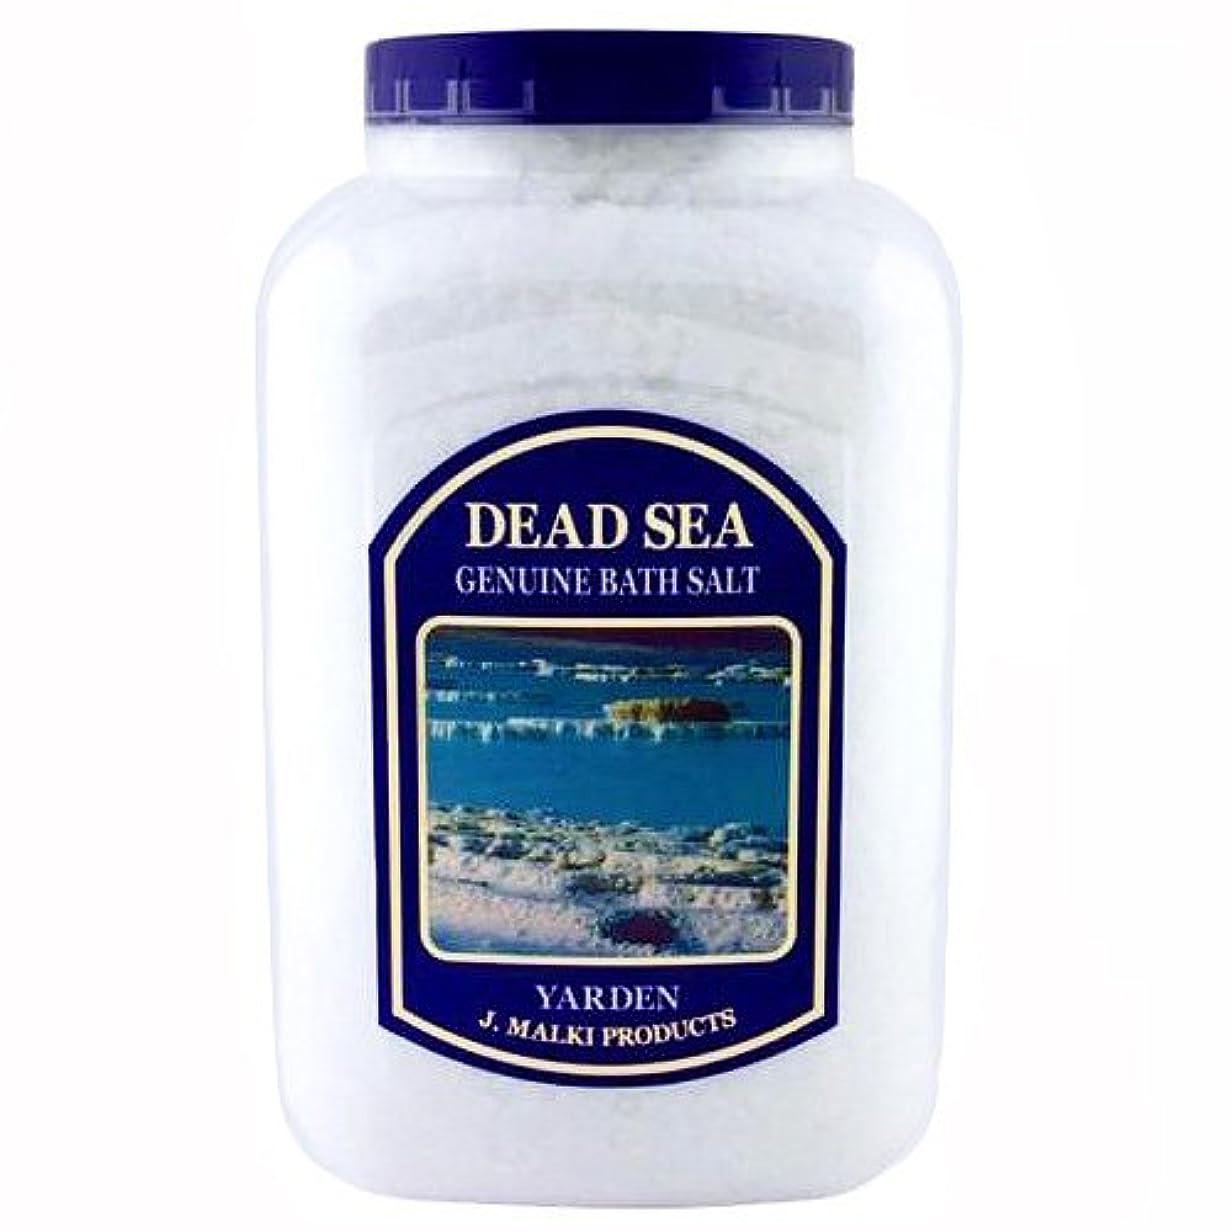 腹代表する前進デッドシー?バスソルト 4.5kg(約45回分)【DEAD SEA BATH SALT】死海の塩/入浴剤(入浴用化粧品)【正規販売店】